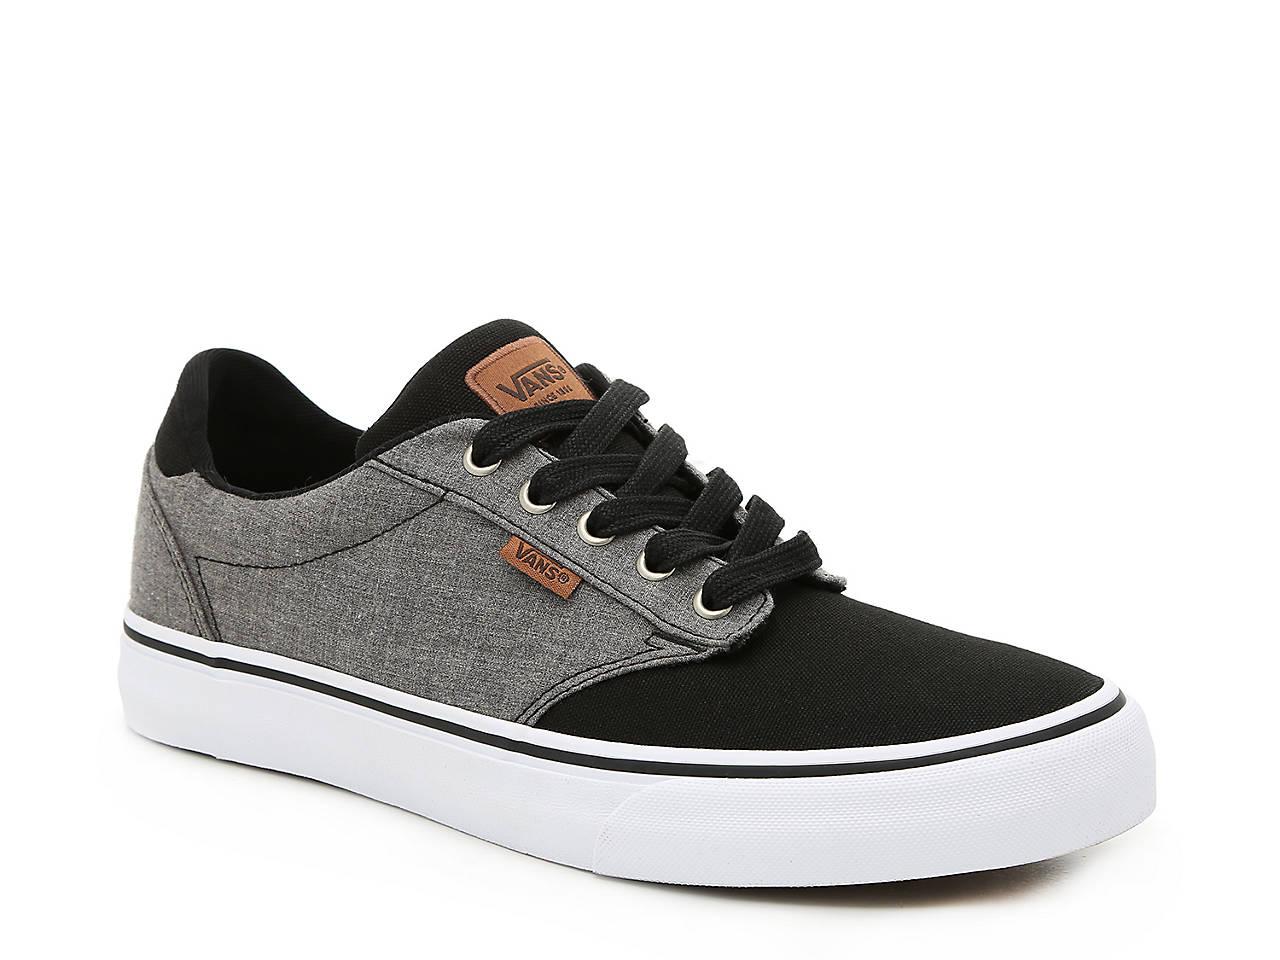 Atwood Deluxe Sneaker - Men's